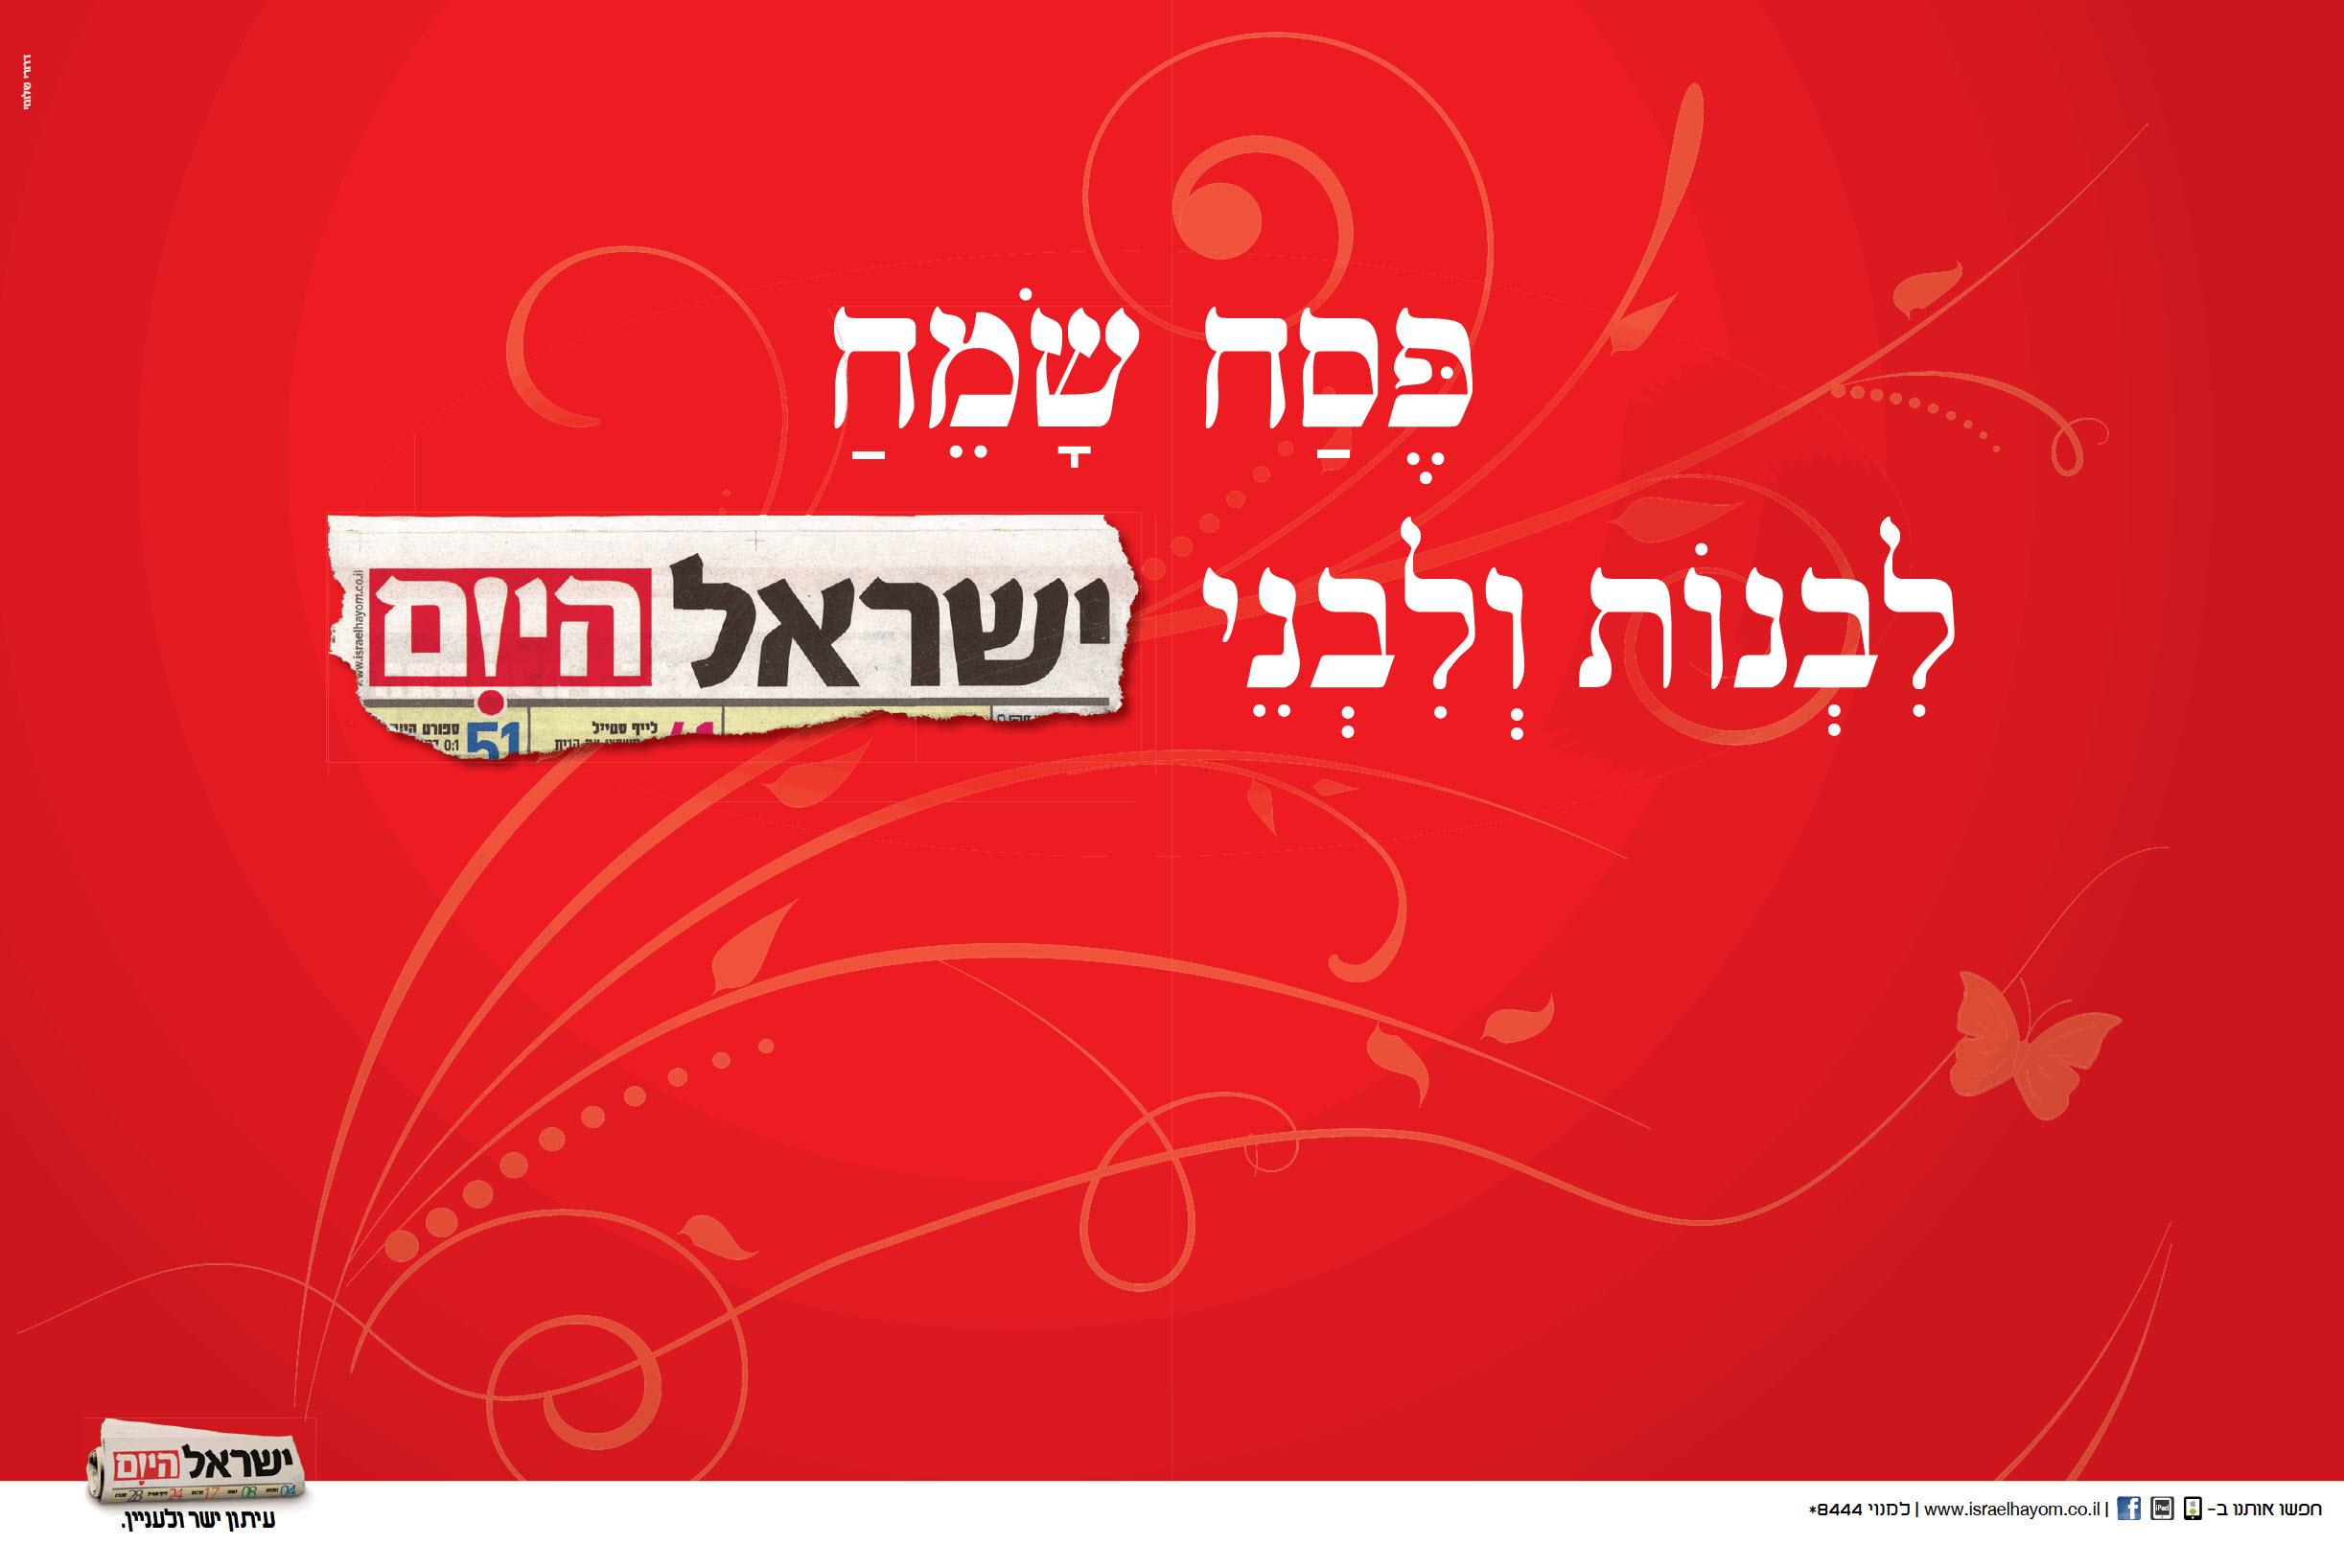 פרינט: פסח שמח לבנות ולבני ישראל היום